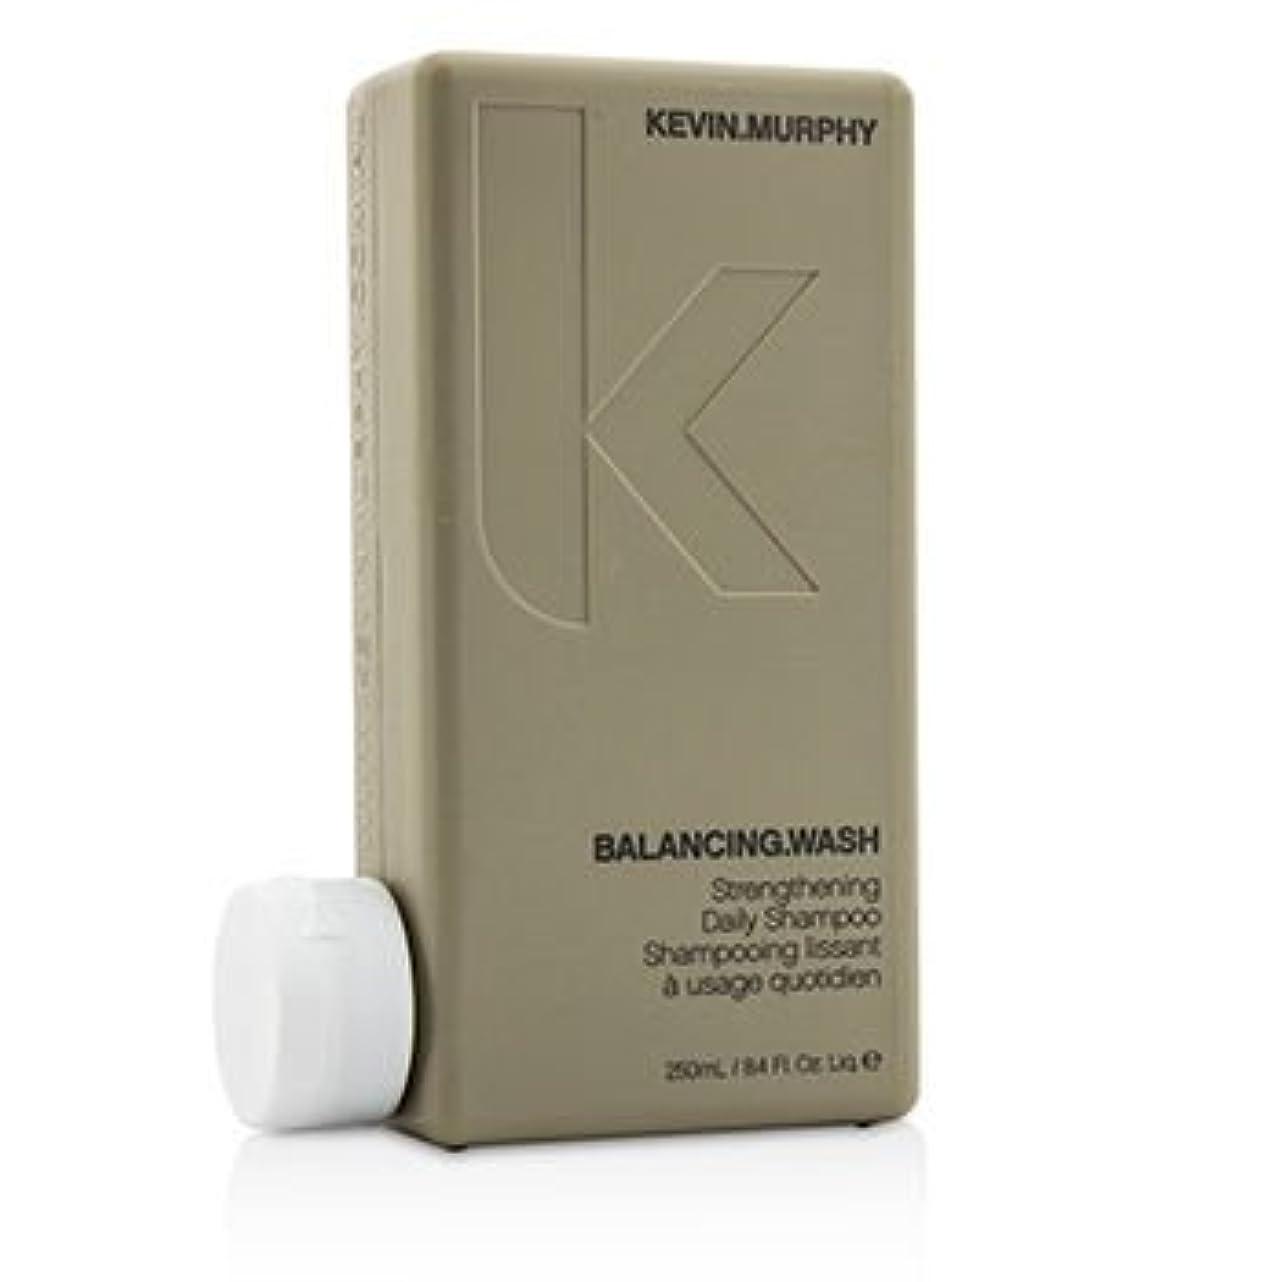 かけがえのないベスビオ山エンジニア[Kevin.Murphy] Balancing.Wash (Strengthening Daily Shampoo - For Coloured Hair) 250ml/8.4oz